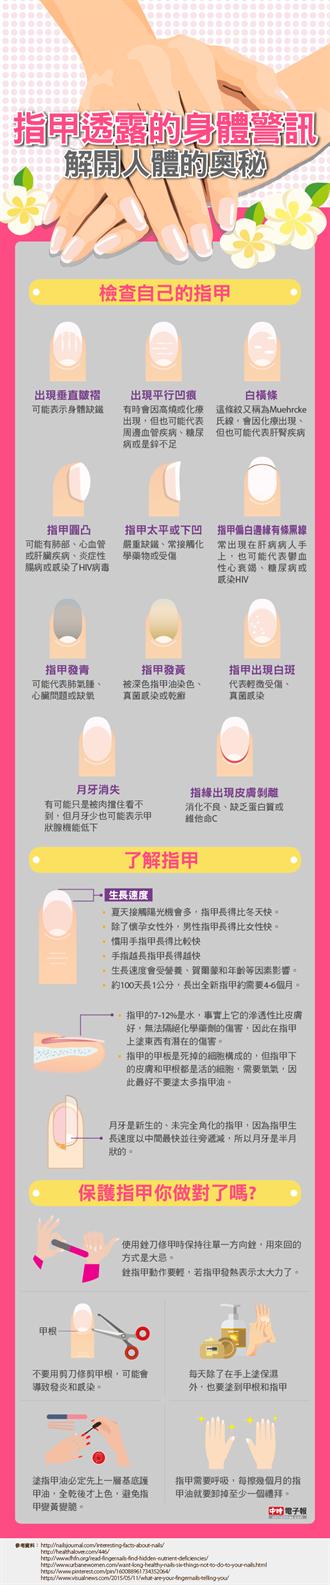 指甲透露的身體警訊  解開人體的奧秘